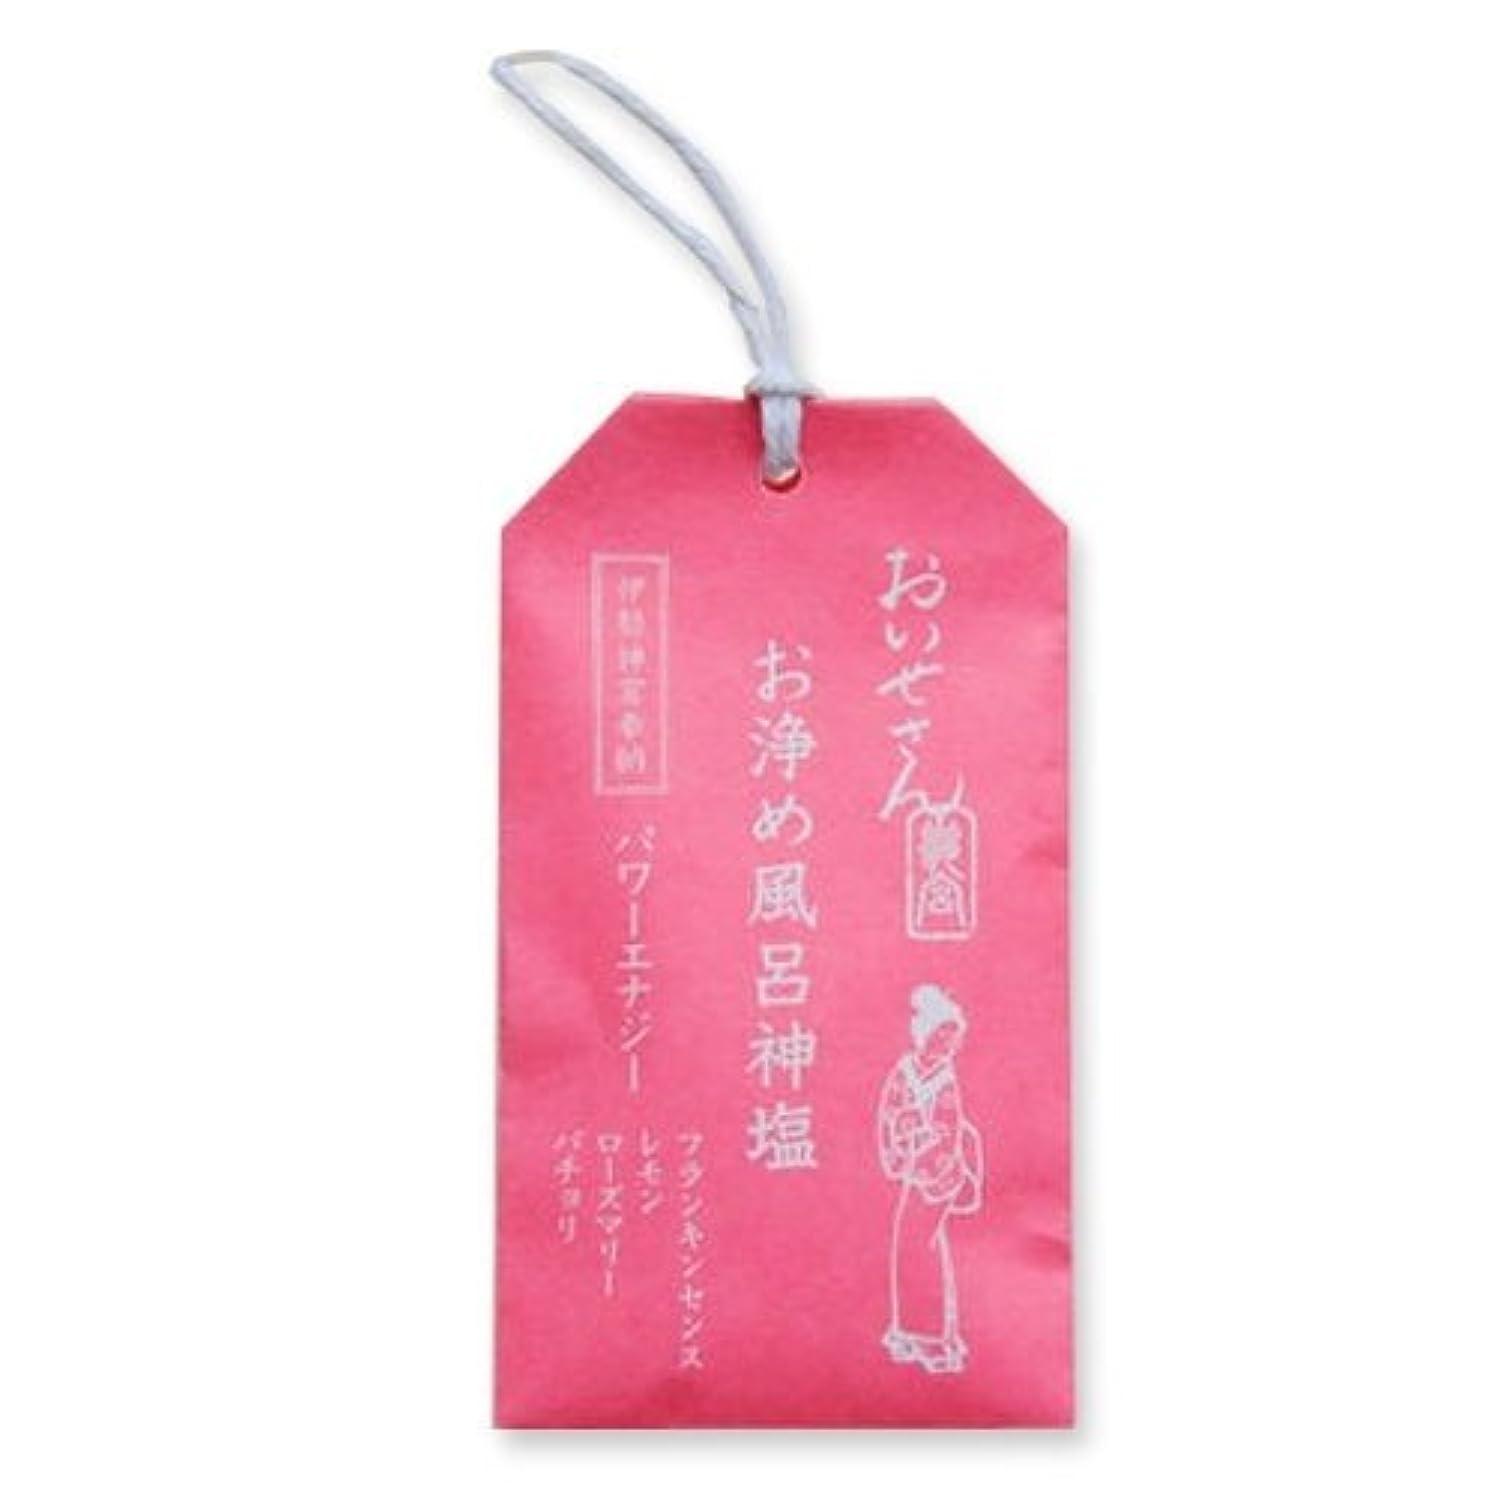 名前サーカス直面するおいせさん お浄め風呂神塩 バス用ソルト(パワーエナジー) 20g